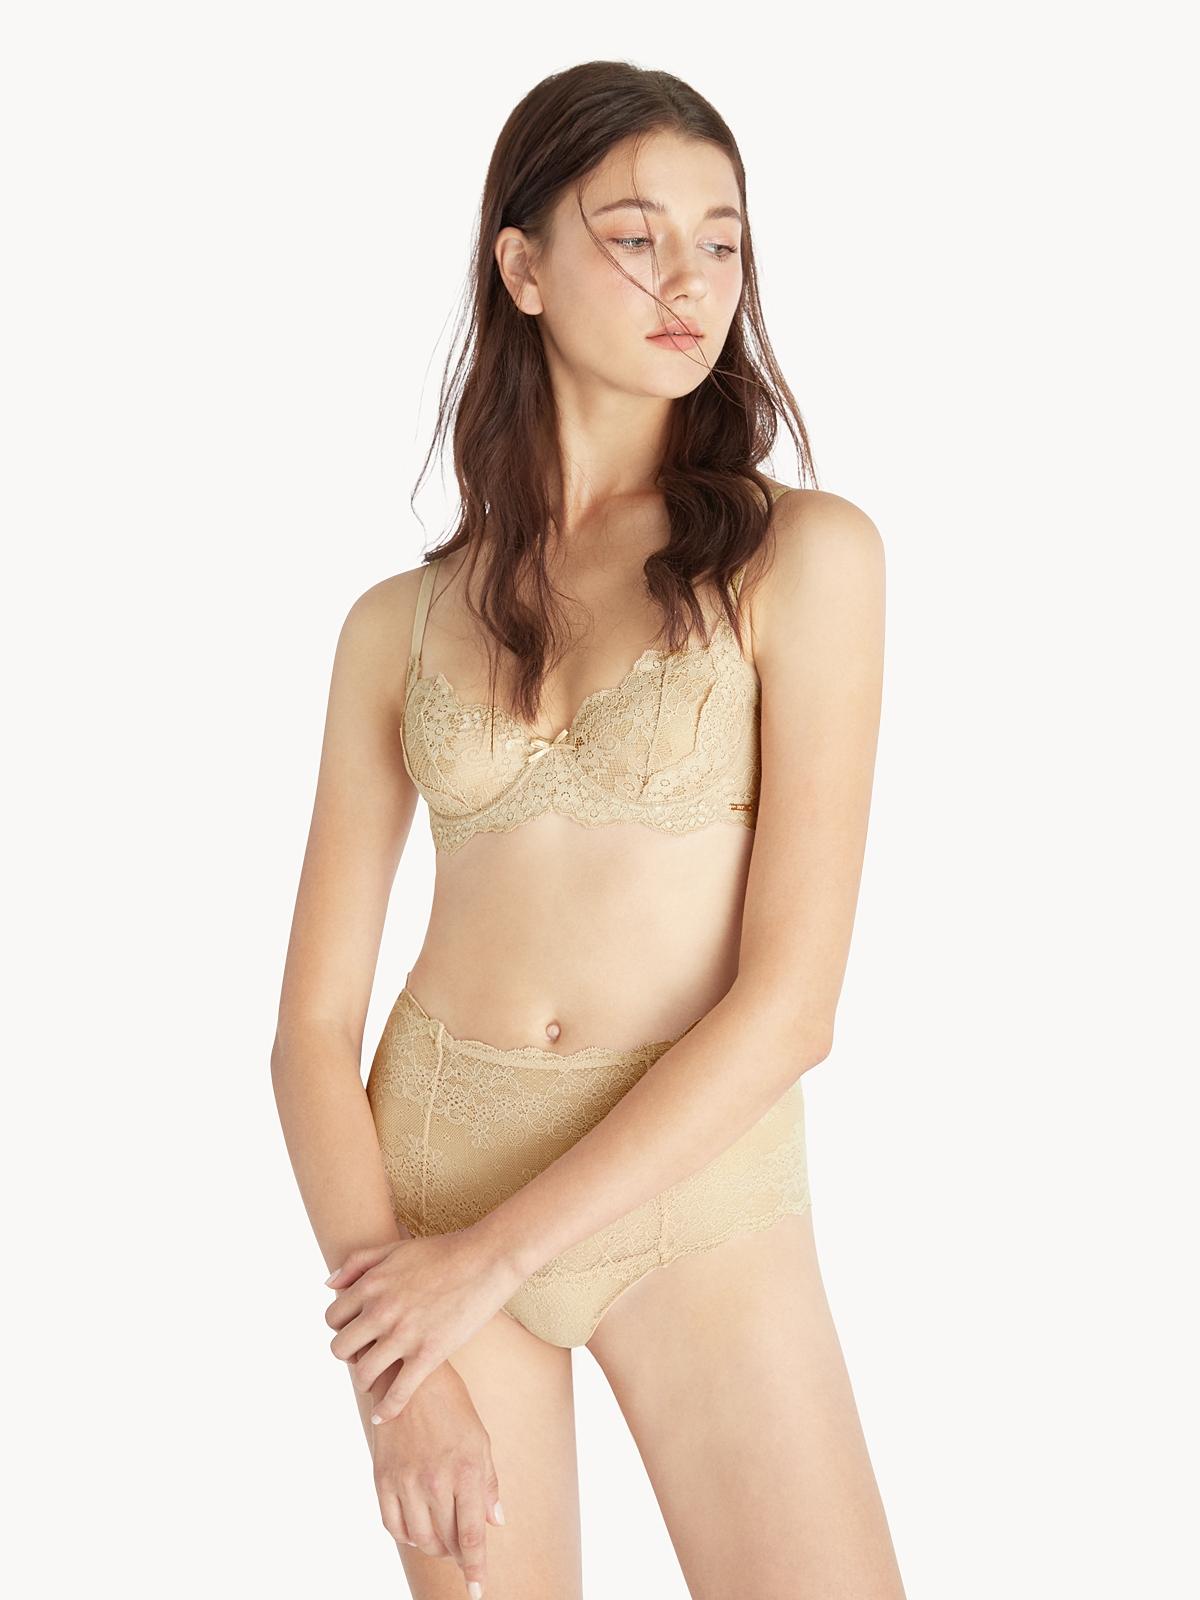 SYP Alicia Underwire Bra Nude